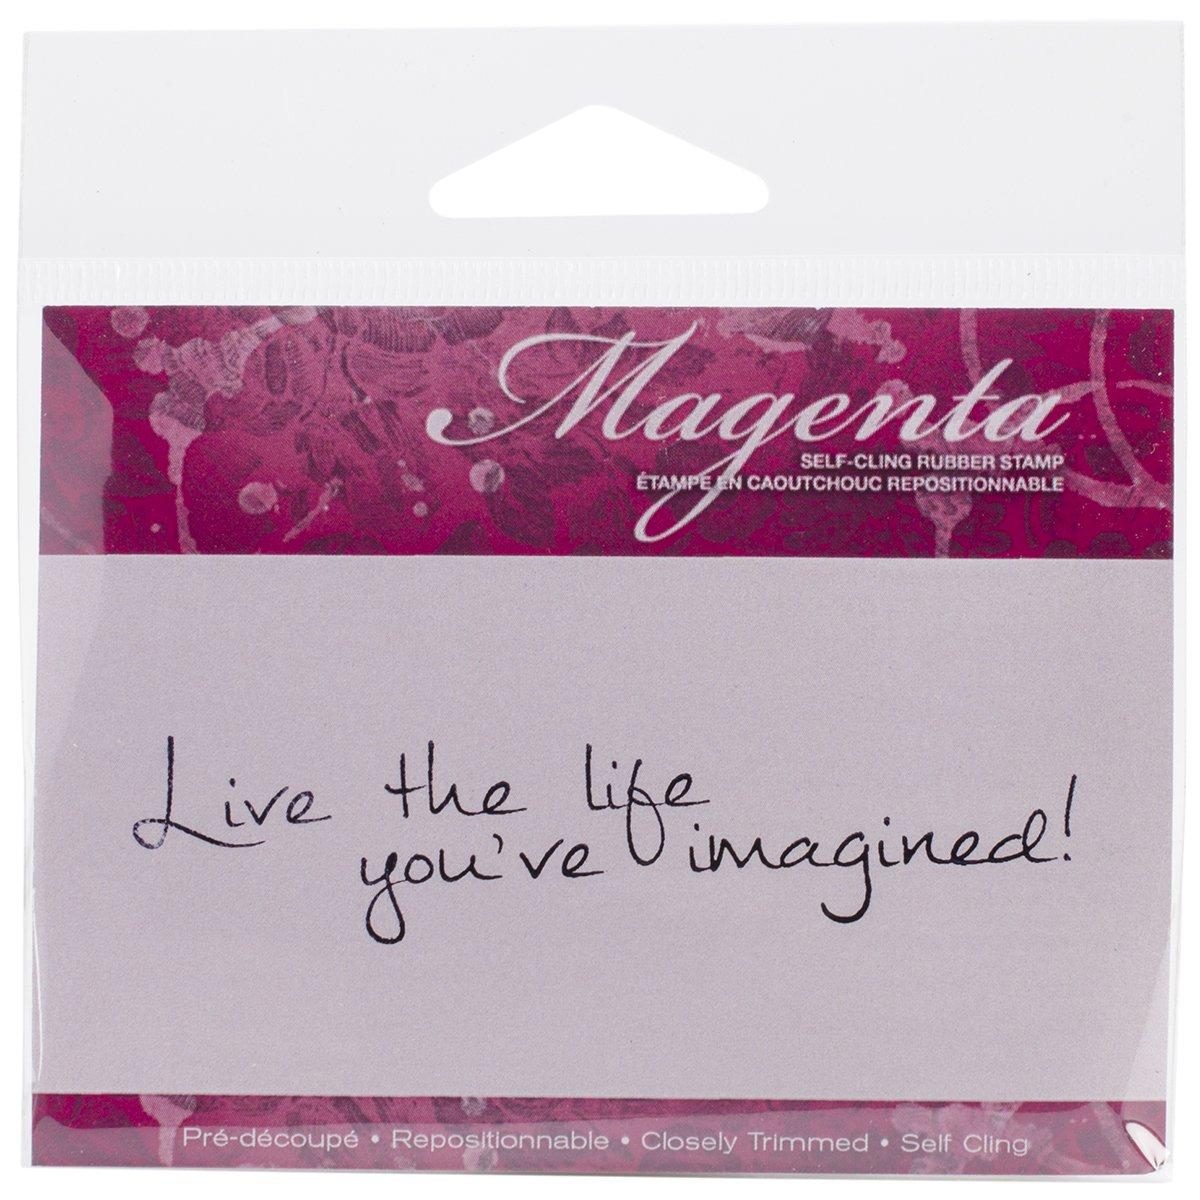 perfecto Magenta Sellos Cling, 1 por 3,25 pulgadas, Live The Life Life Life You've.  100% garantía genuina de contador